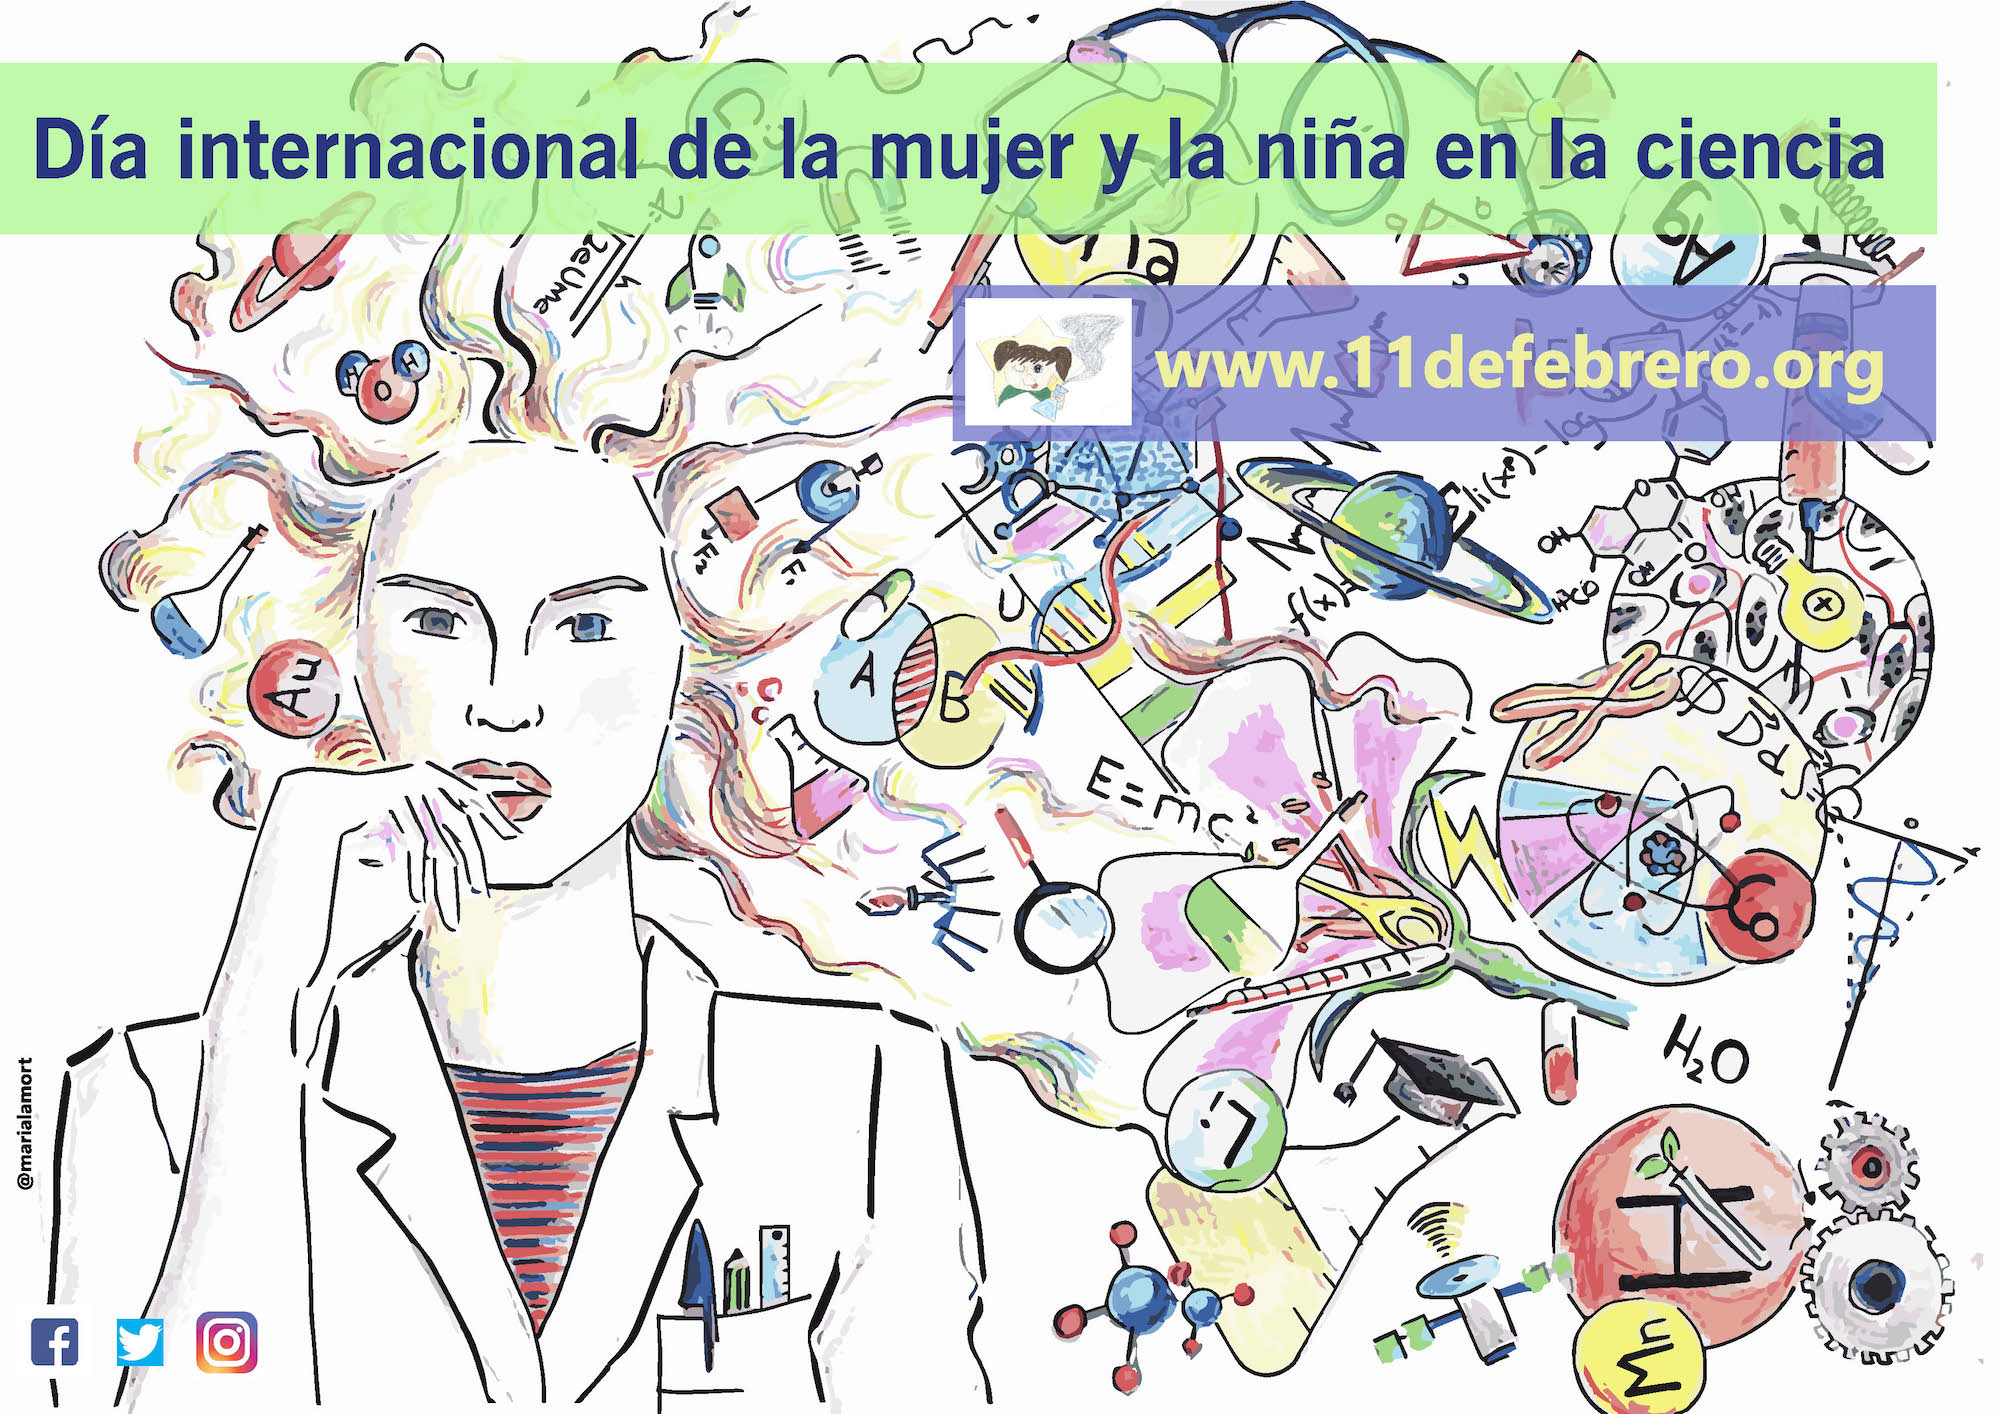 Día Internacional de La Mujer la niña y la ciencia